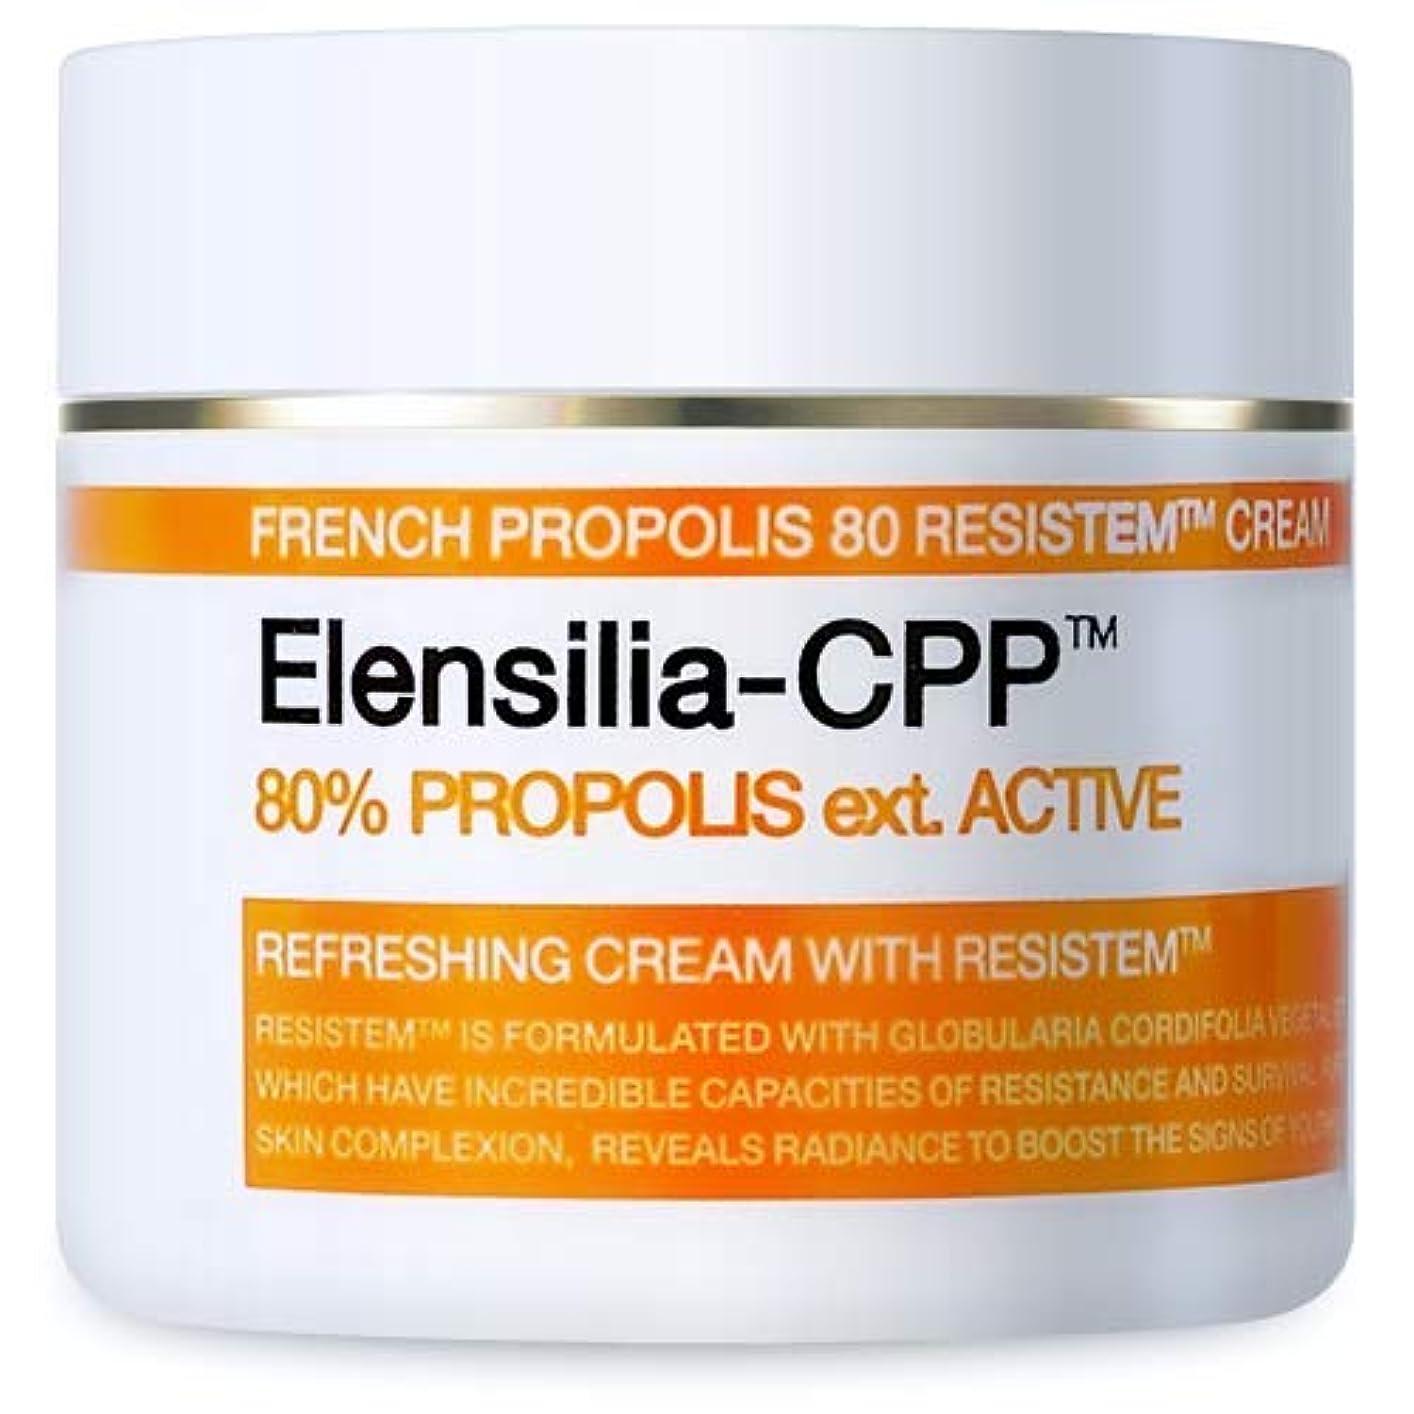 海外でフレッシュ罪悪感Elensilia CPP フレンチ プロポリス 80 リシステム クリーム / CPP French Propolis 80 Resistem Cream (50g) [並行輸入品]